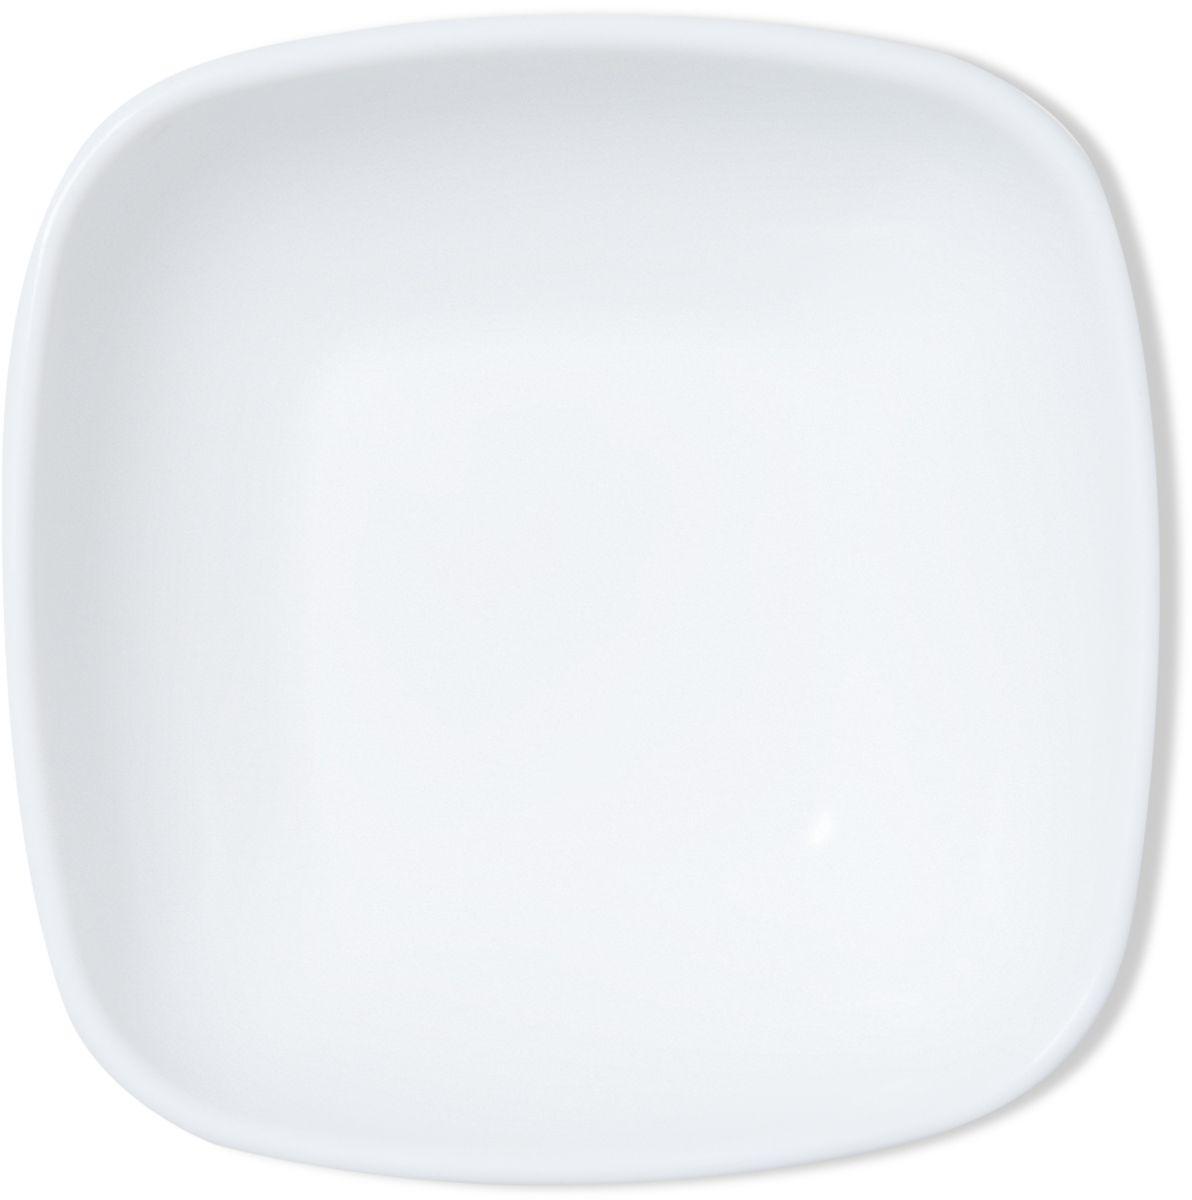 Миска Dosh l Home ADARA квадратная, цвет: белый, диаметр 15 см400203Элегантная миска Dosh l Home ADARA отлично подходит для стильной сервировки блюд и закусок. Изготовлена из высококачественного силикона белоснежного цвета. Силикон не впитывает запах и вкус продуктов, устойчив к царапинам.Подходит для микроволновой печи, холодильника. Можно мыть в посудомоечной машине.Мыть обычными моющими средствами, не использовать агрессивные вещества, металлические мочалки, острые предметы и т.д..Диаметр: 15 см.